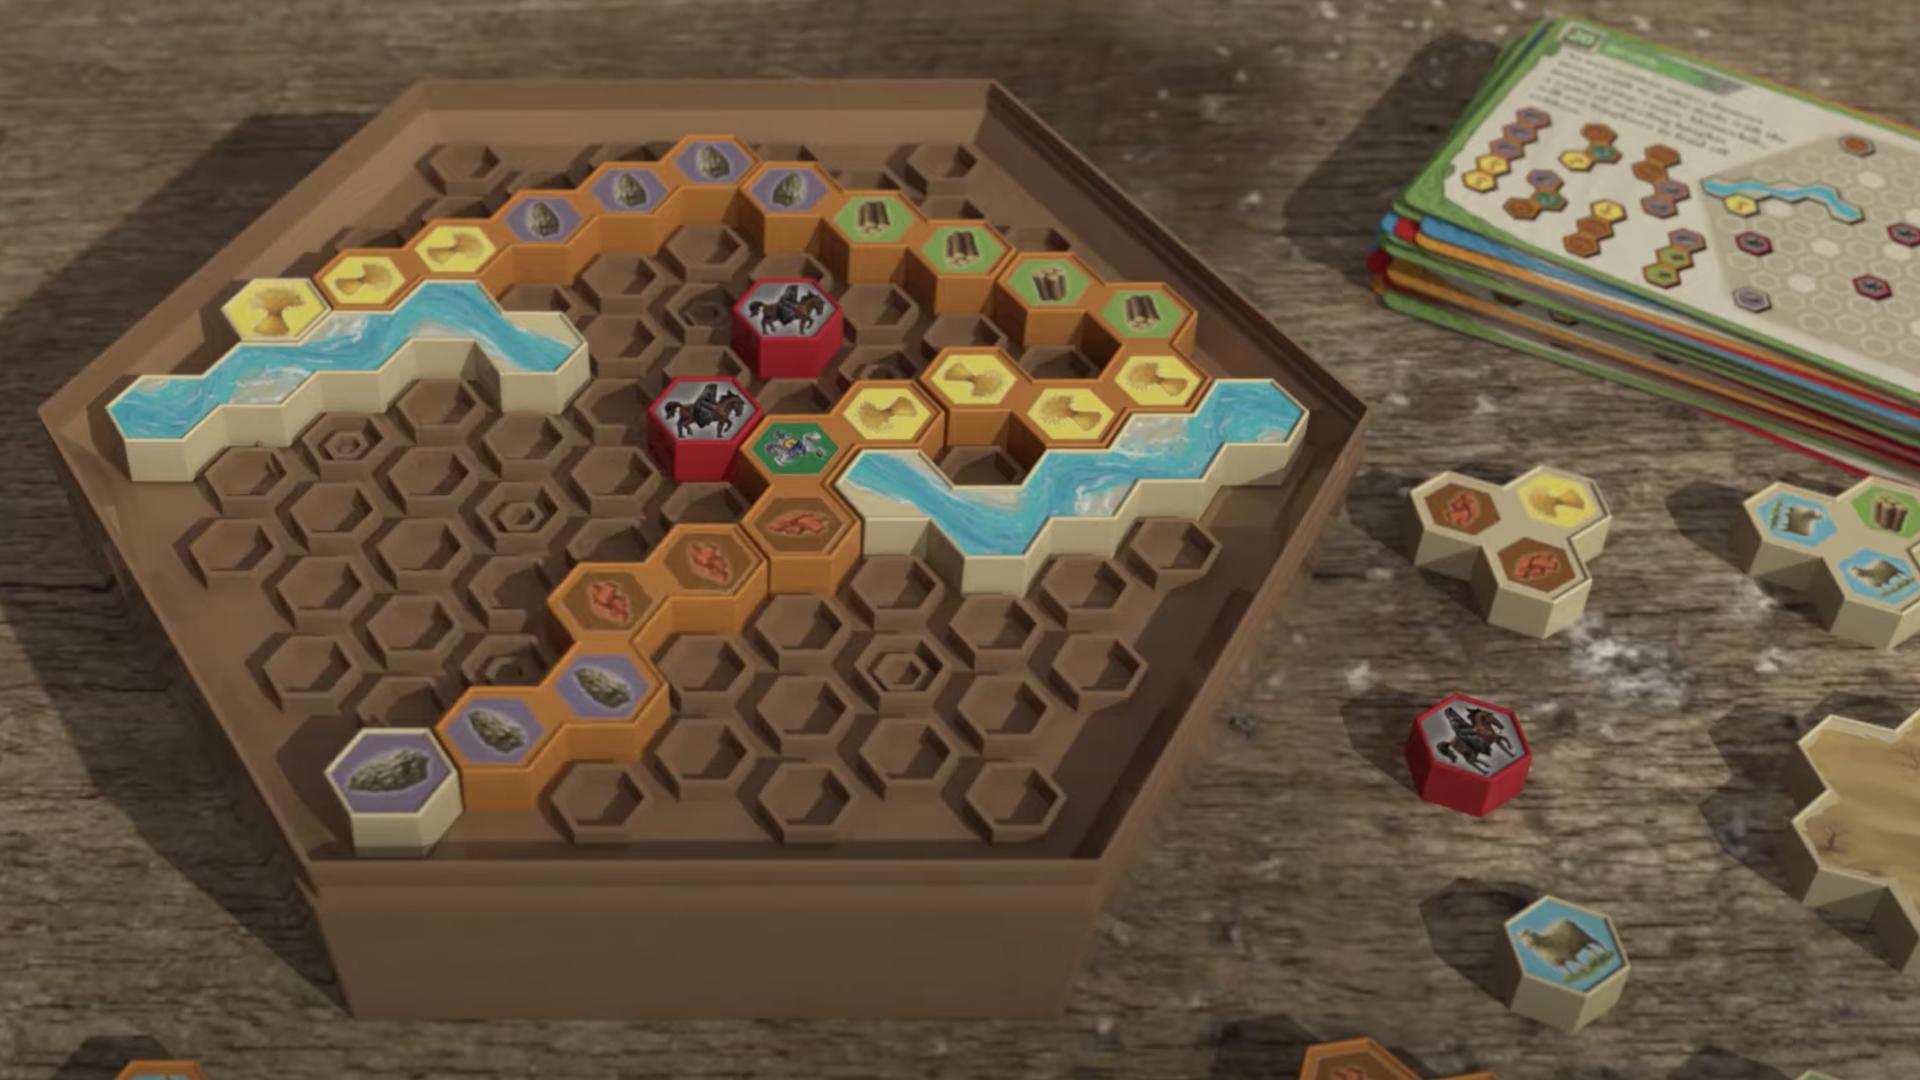 Catan: Logic Puzzle gameplay